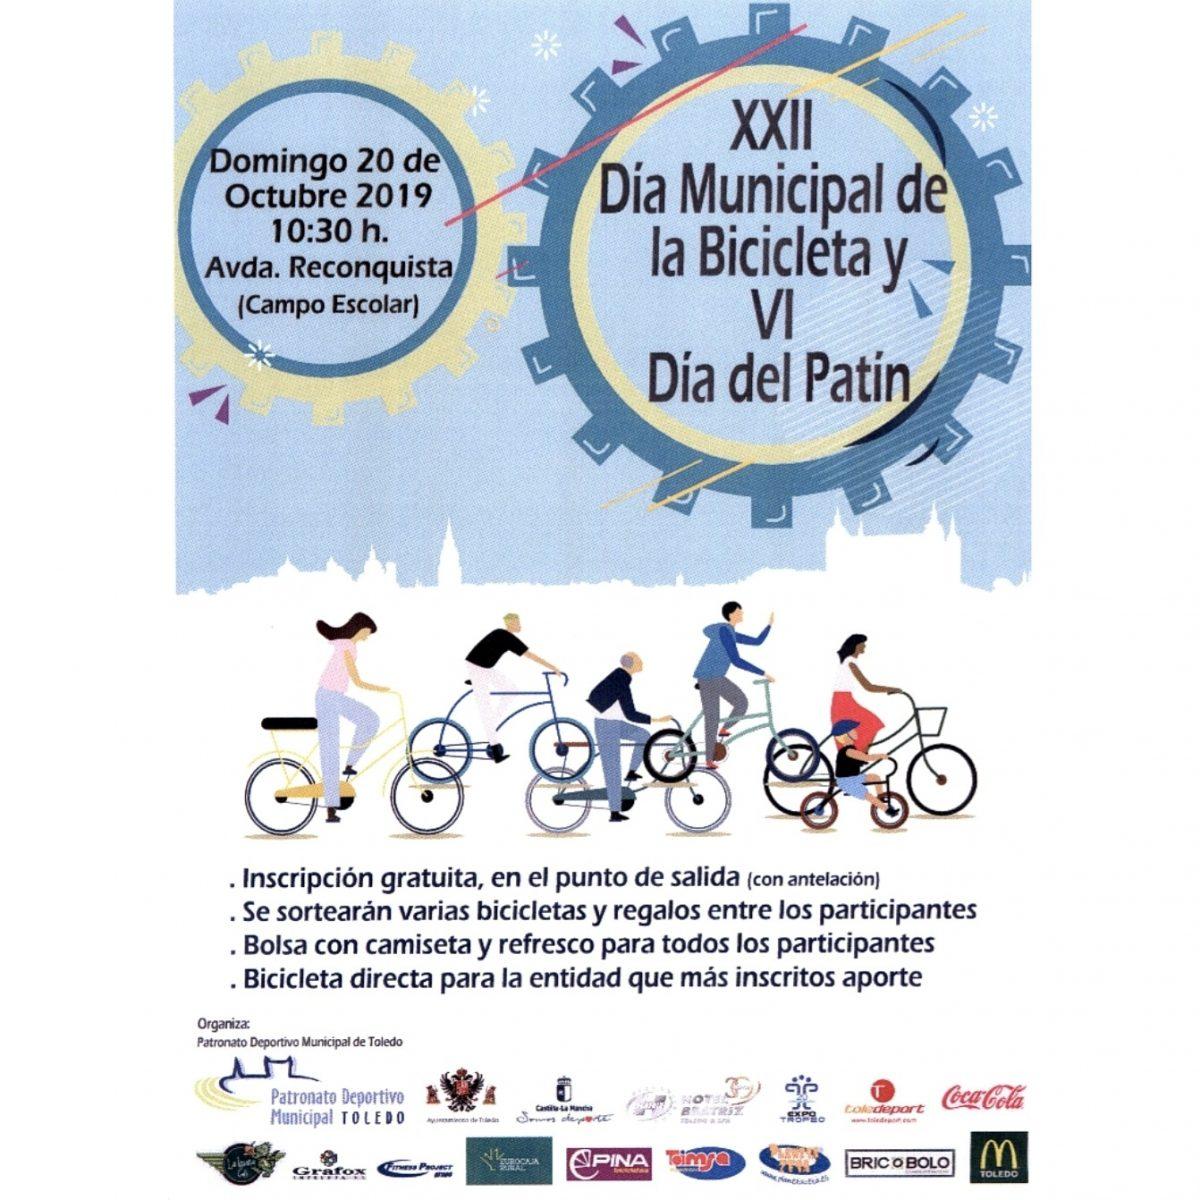 https://www.toledo.es/wp-content/uploads/2019/10/dia-de-la-bicicleta-20-octubre-1200x1200.jpg. XXII Día Municipal de la Bicicleta y VI Día Municipal del Patín